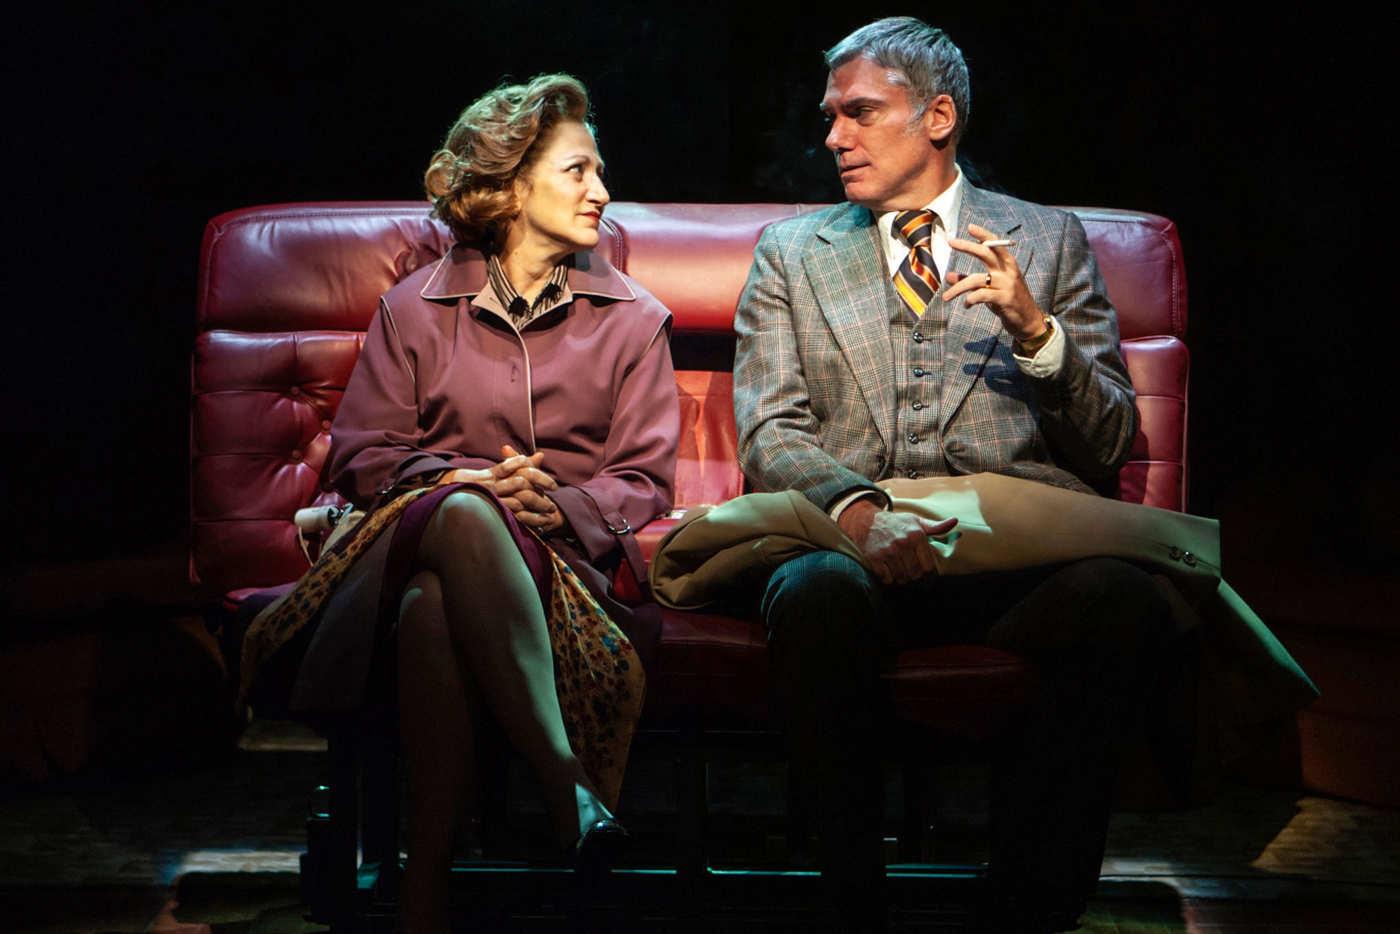 Edie Falco and Glenn Fitzgerald.  Photo Credit: Monique Carboni